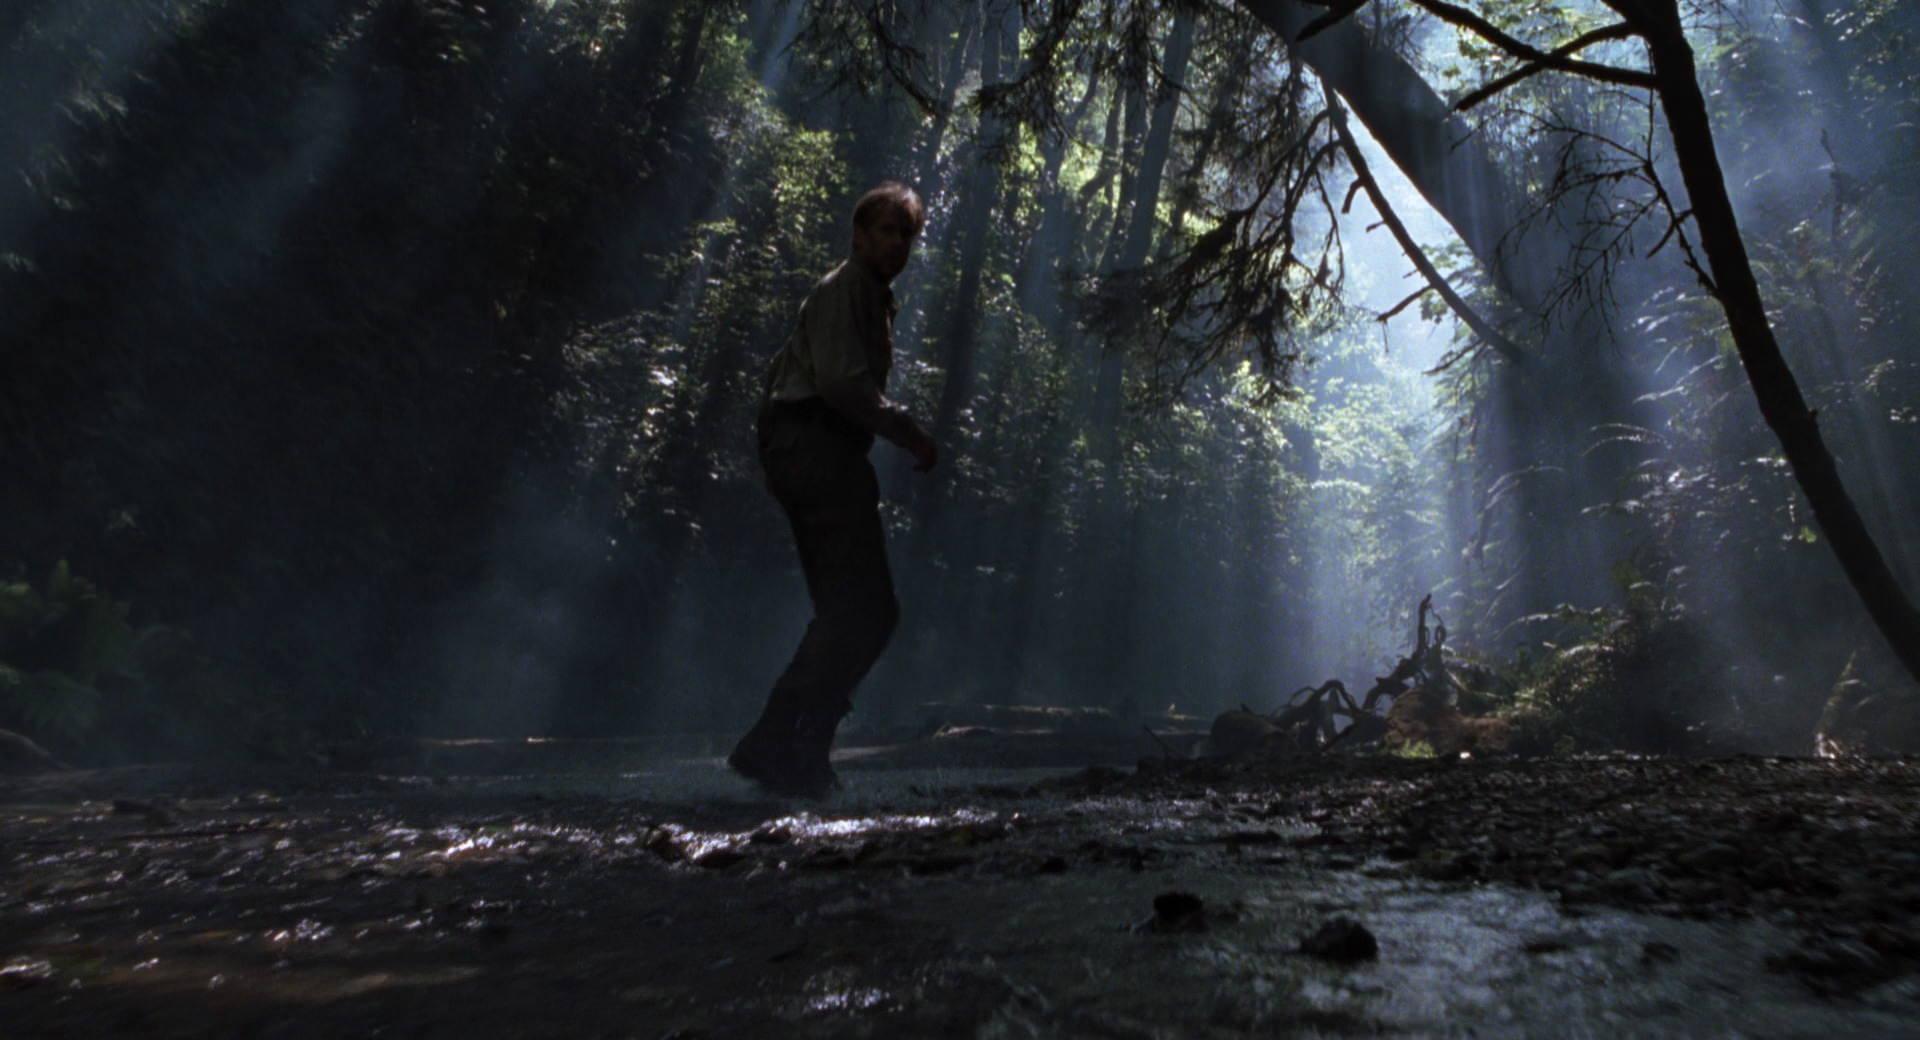 The Lost World Jurassic Park Screencaps are here Jurassic-lost-world-movie-screencaps.com-9140